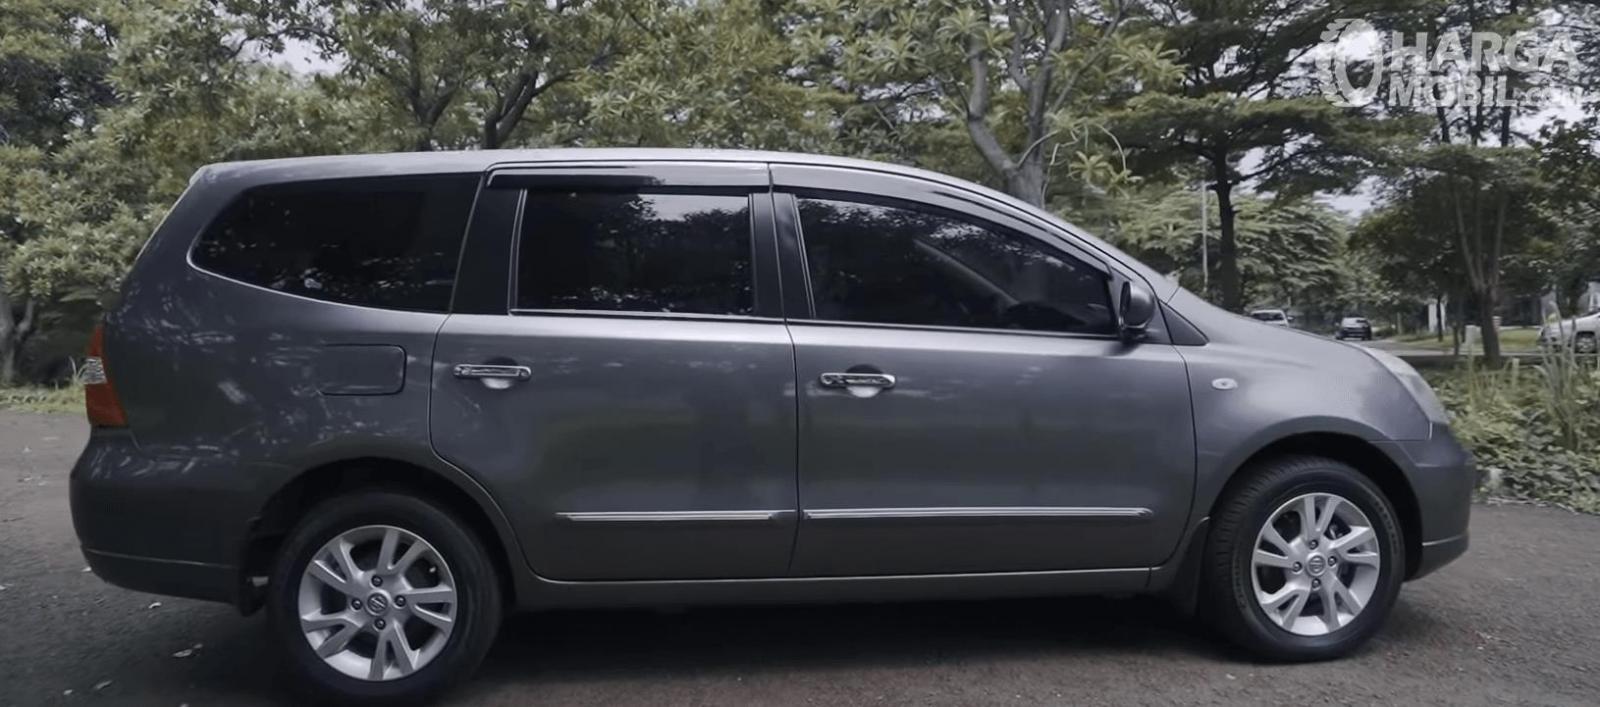 Gambar ini menunjukkan sisi samping Mobil Nissan Grand Livina XV 2012